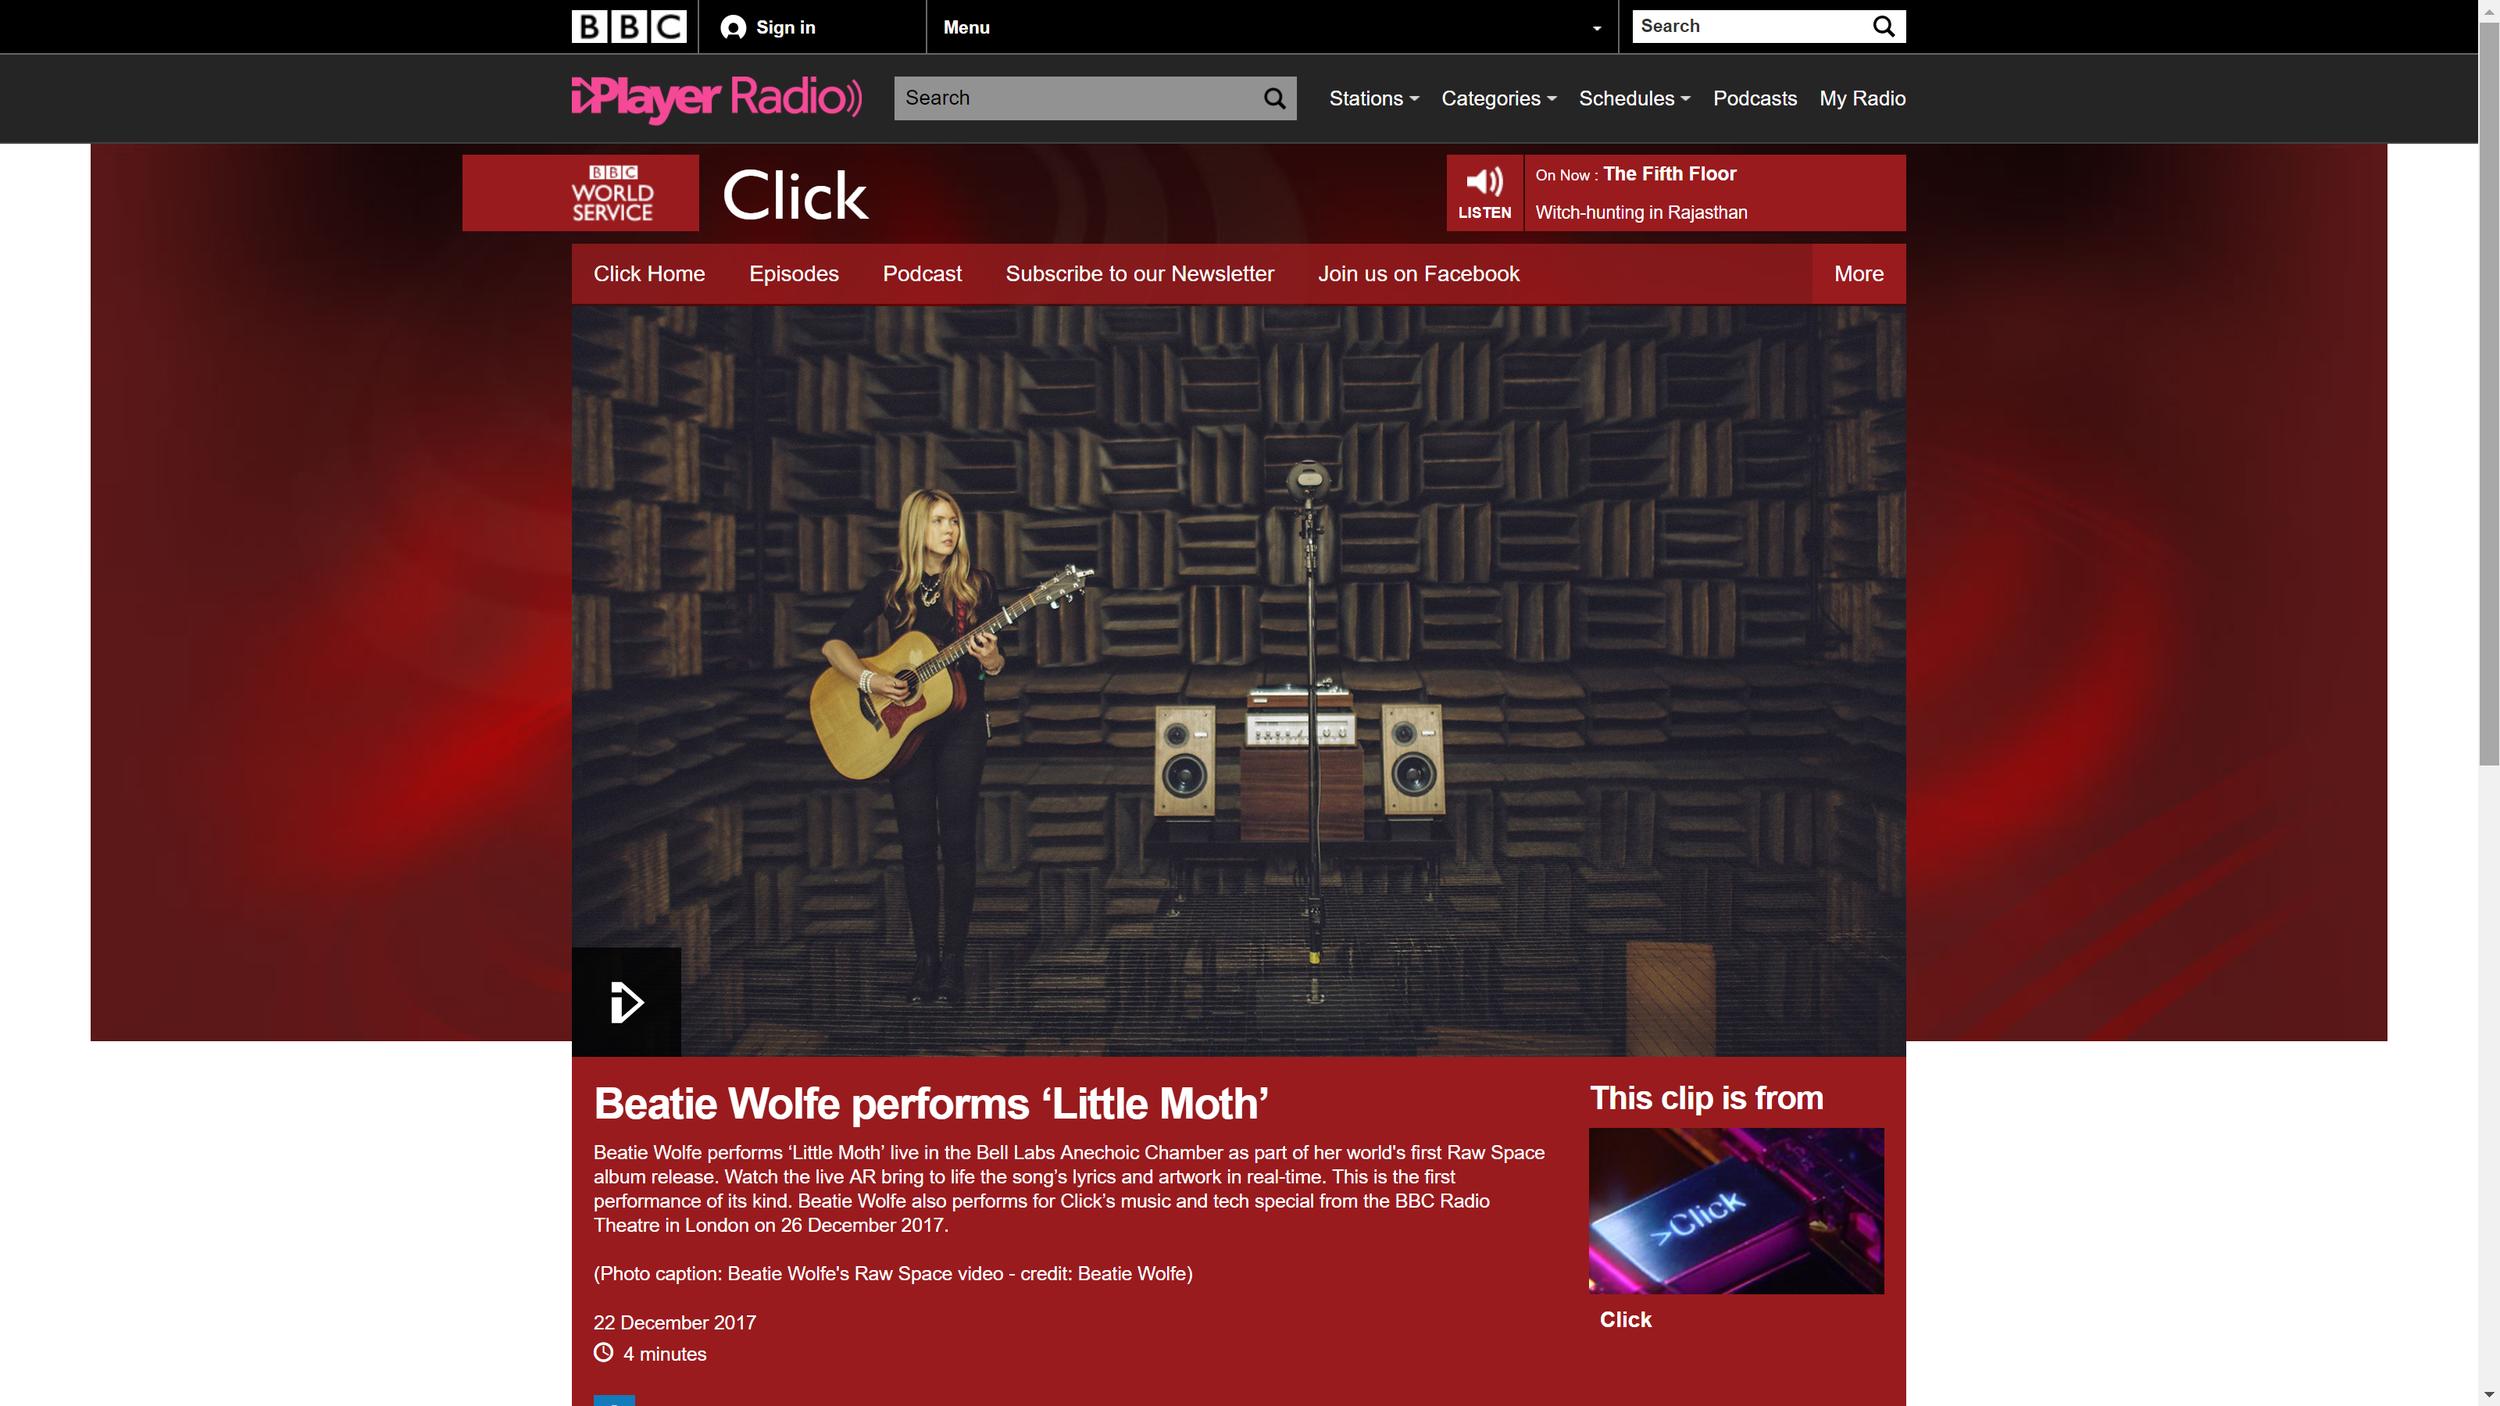 BBC Worldwide Website